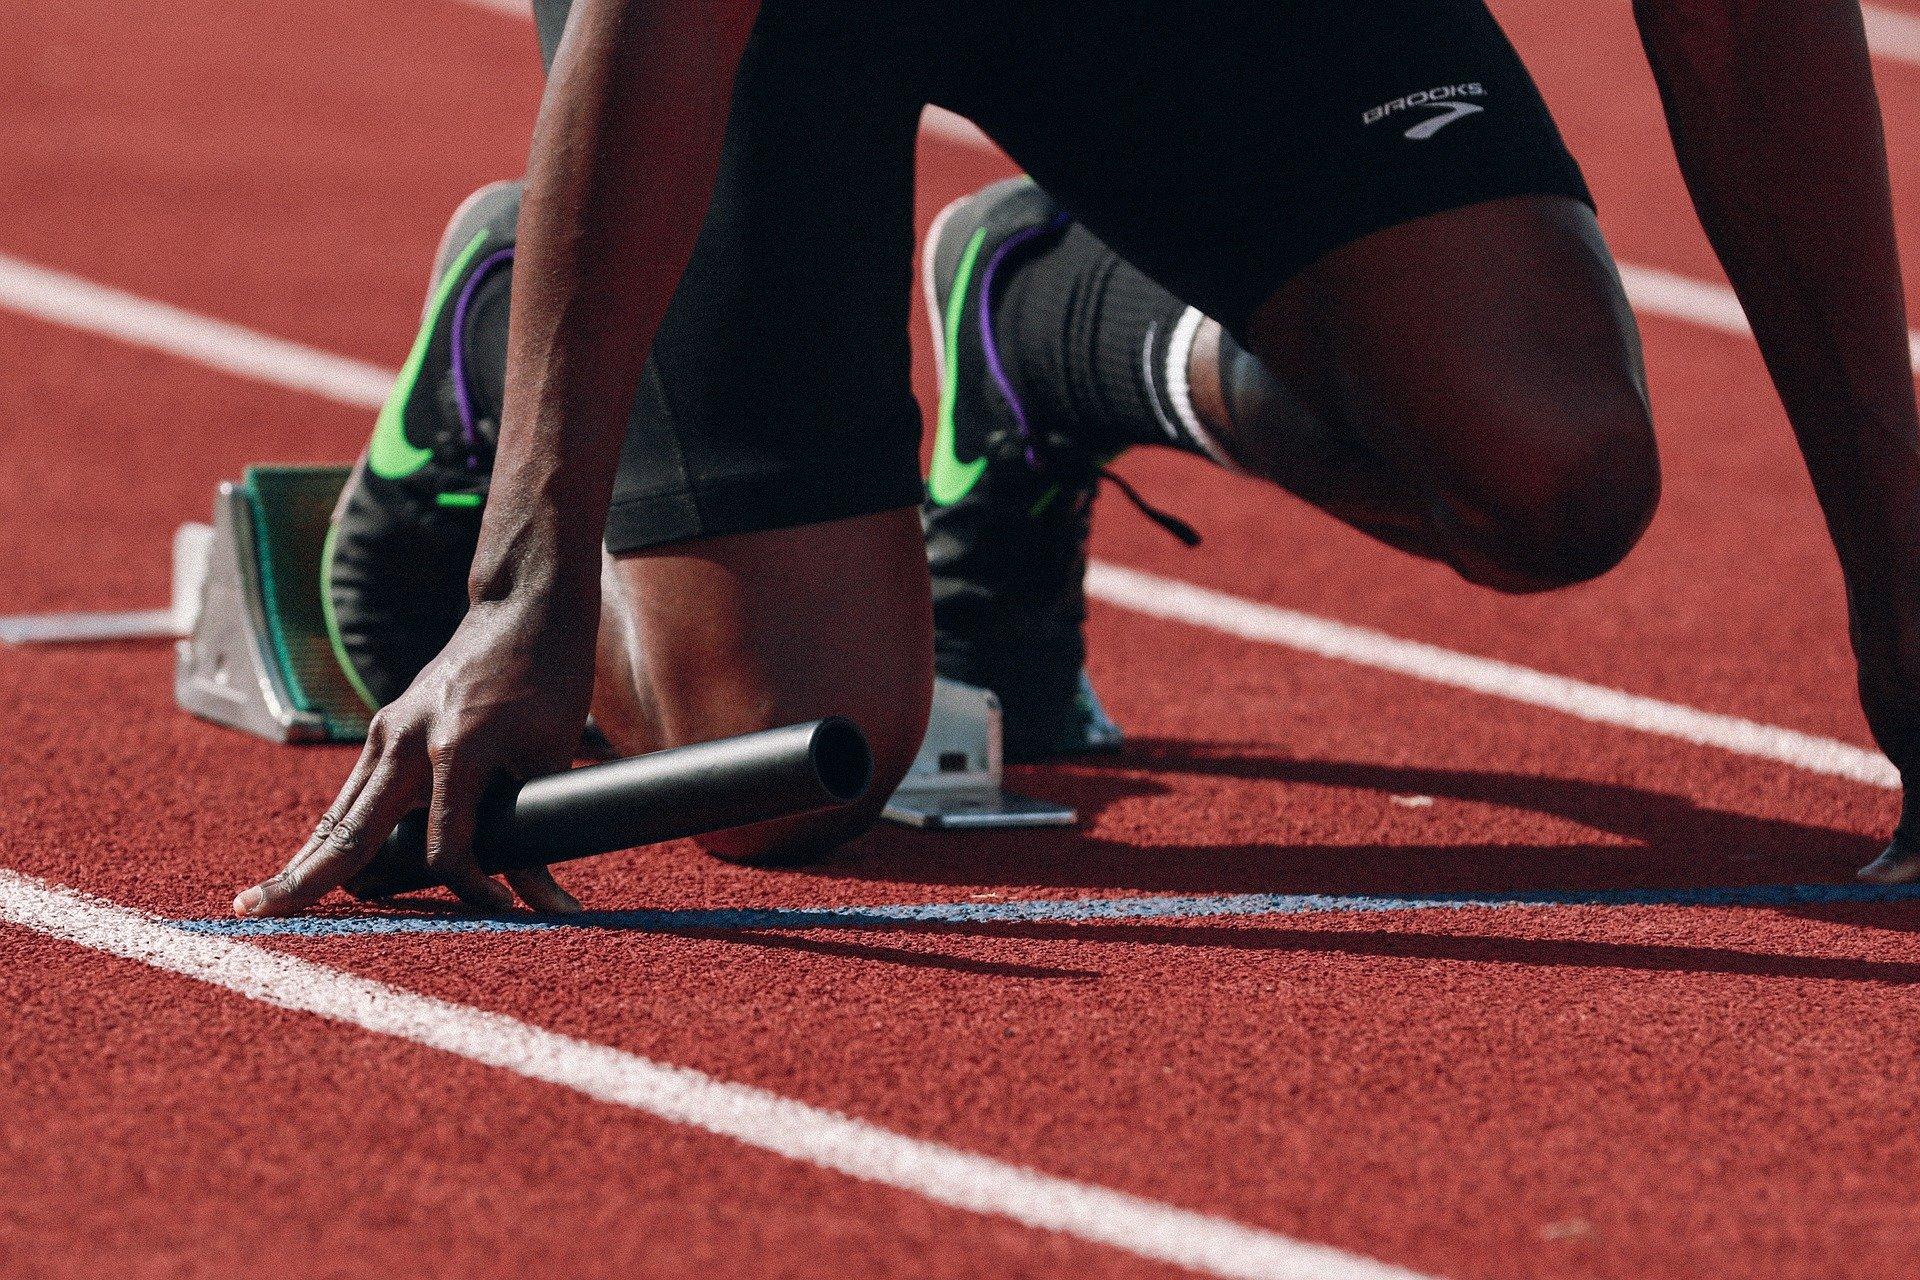 Deportes - Imagen 1